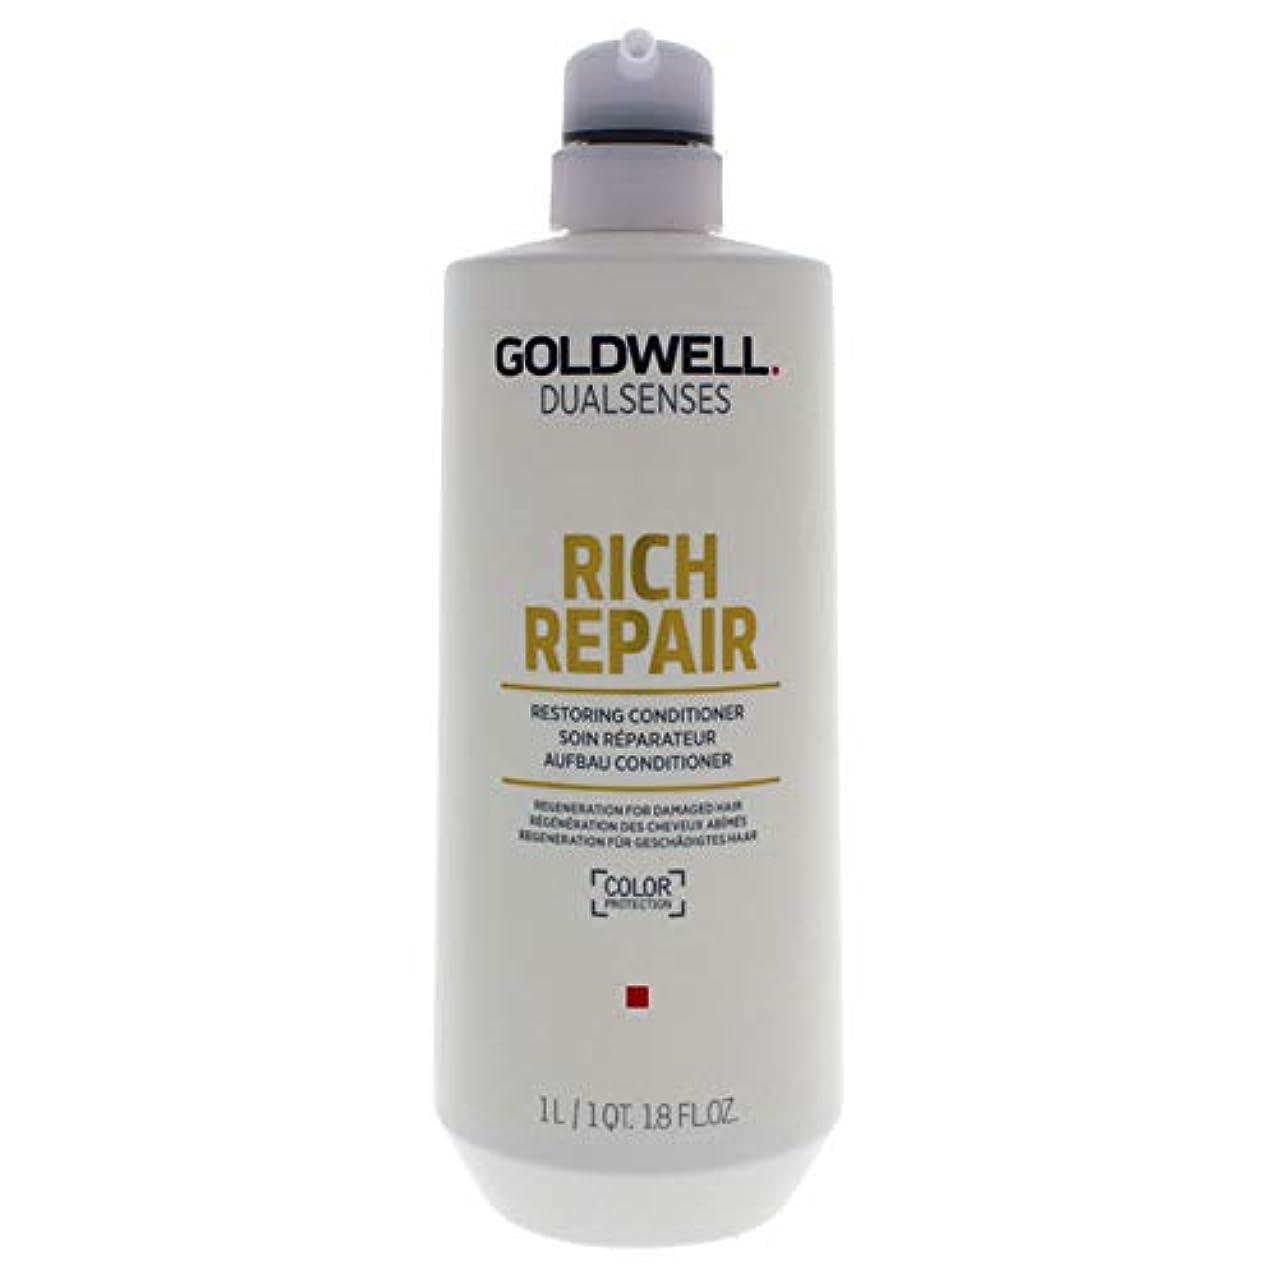 重なる試み特権的ゴールドウェル Dual Senses Rich Repair Restoring Conditioner (Regeneration For Damaged Hair) 1000ml